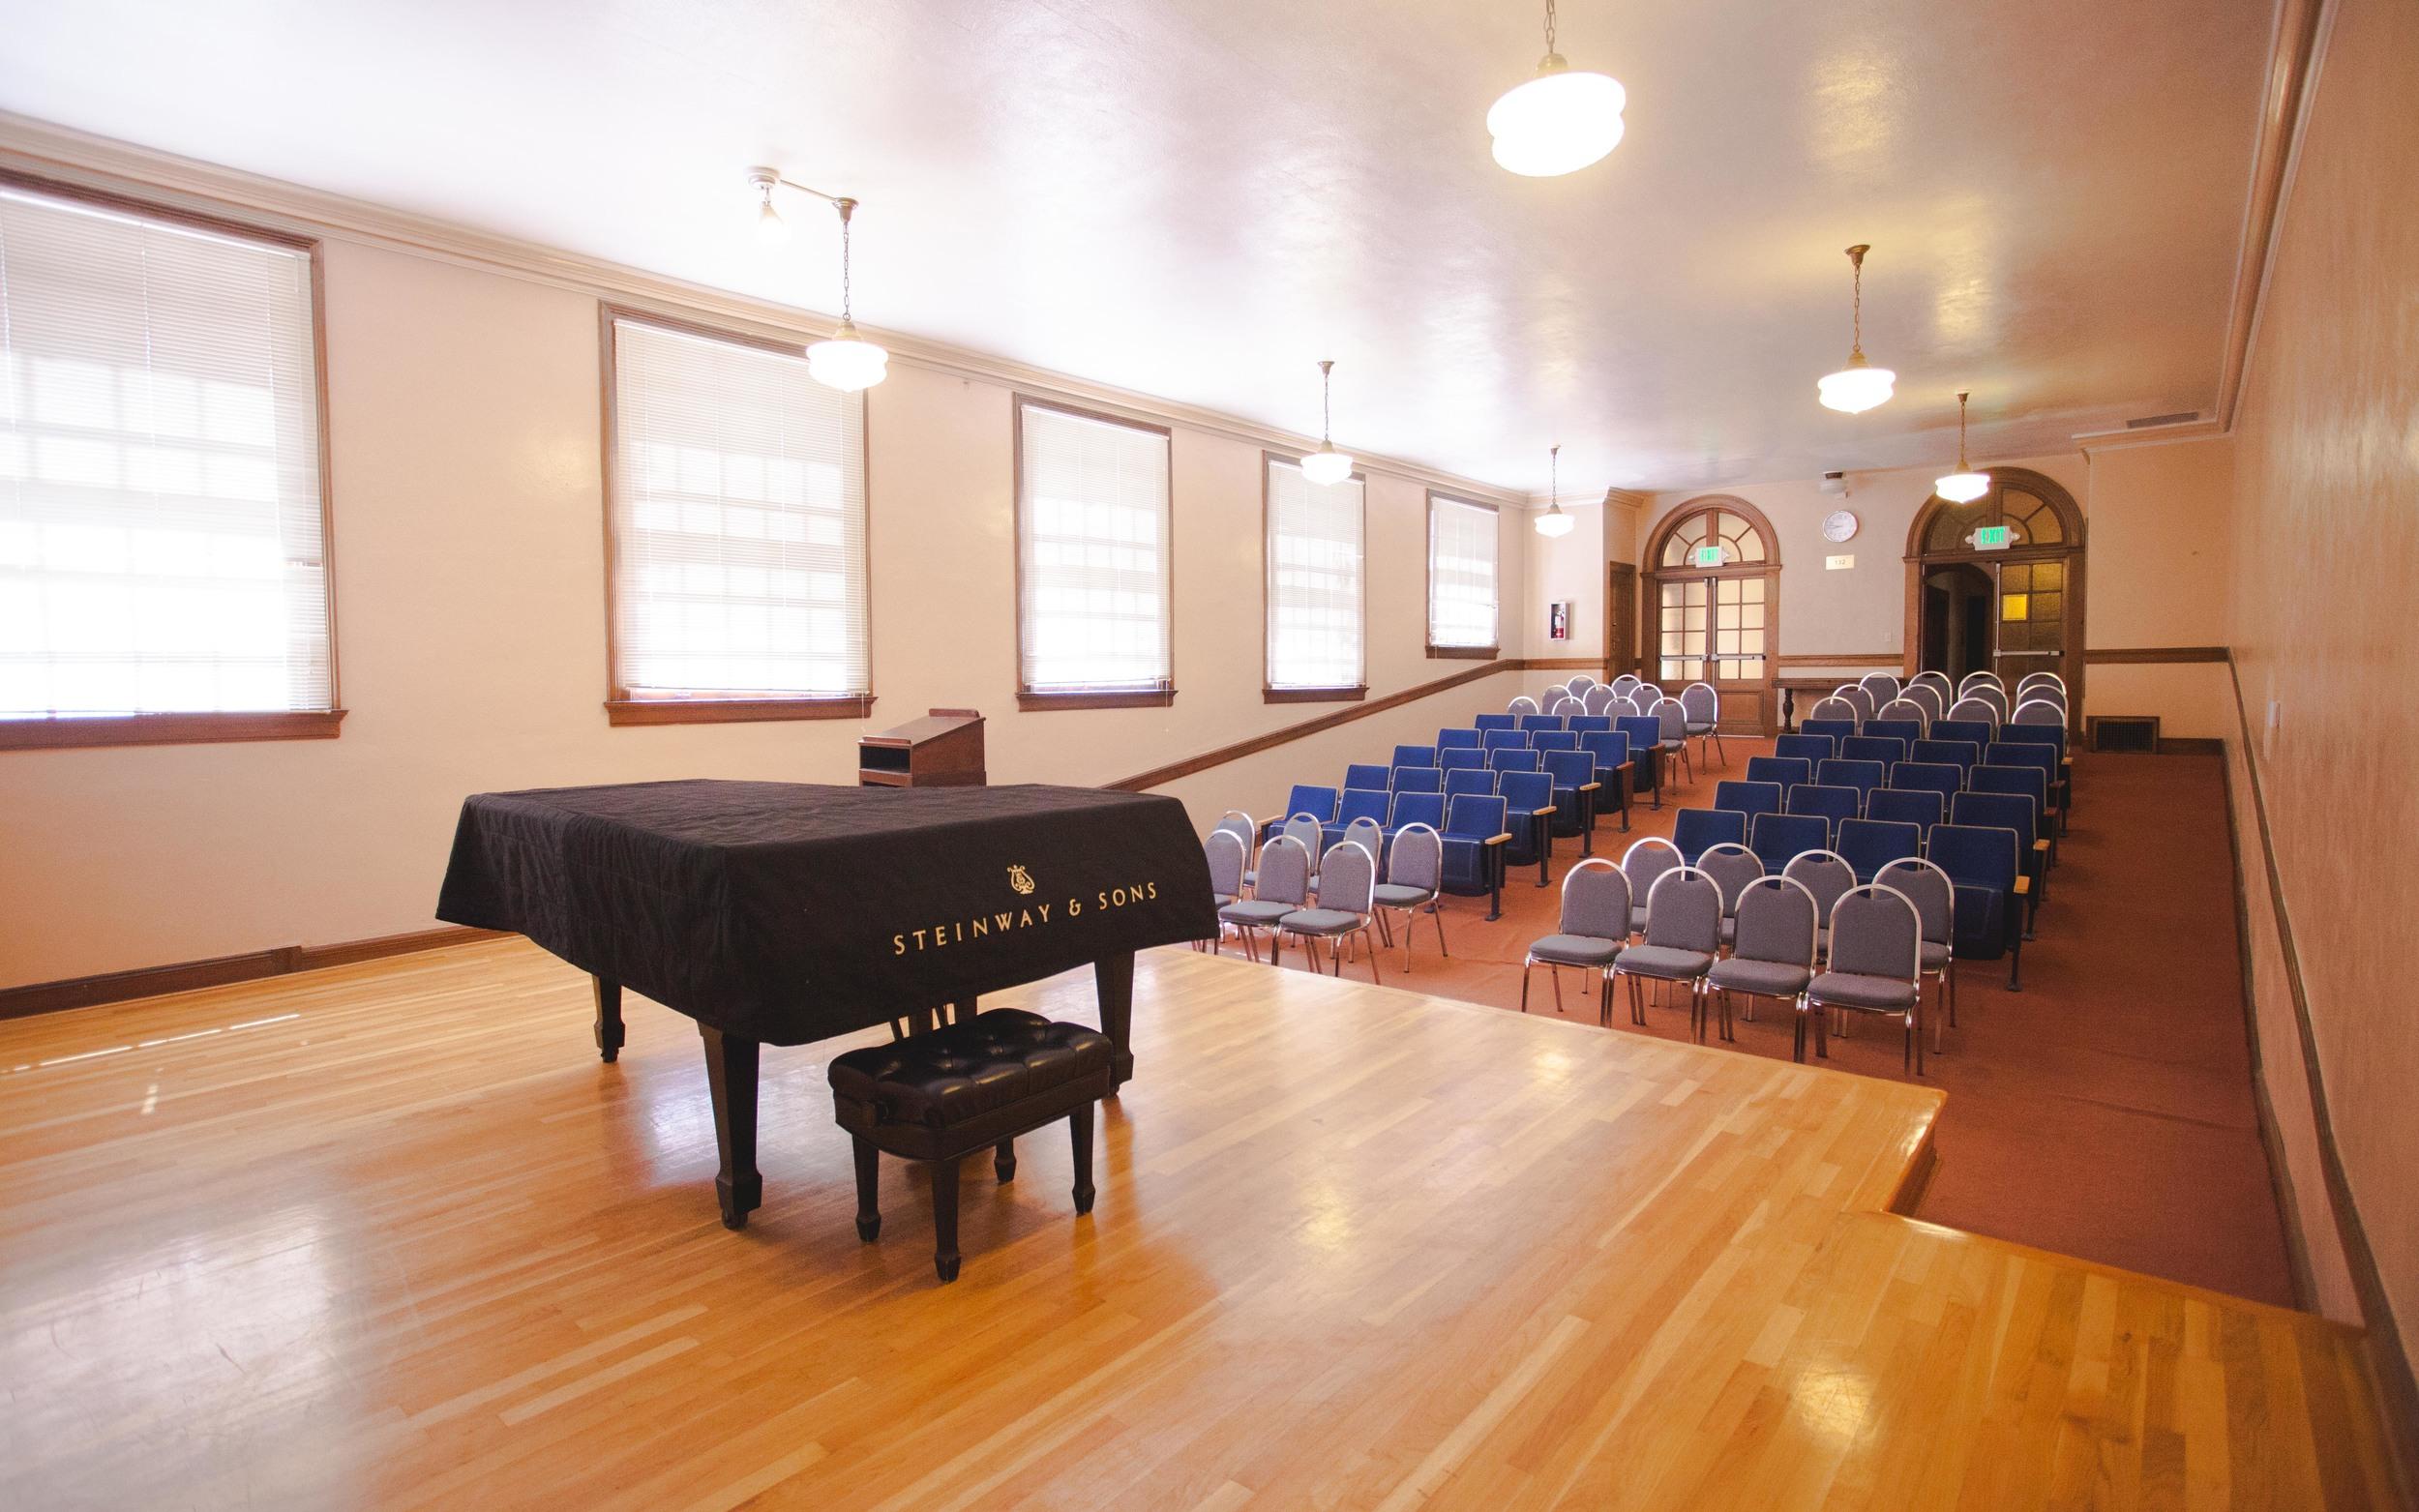 Recital Hall_2.jpg